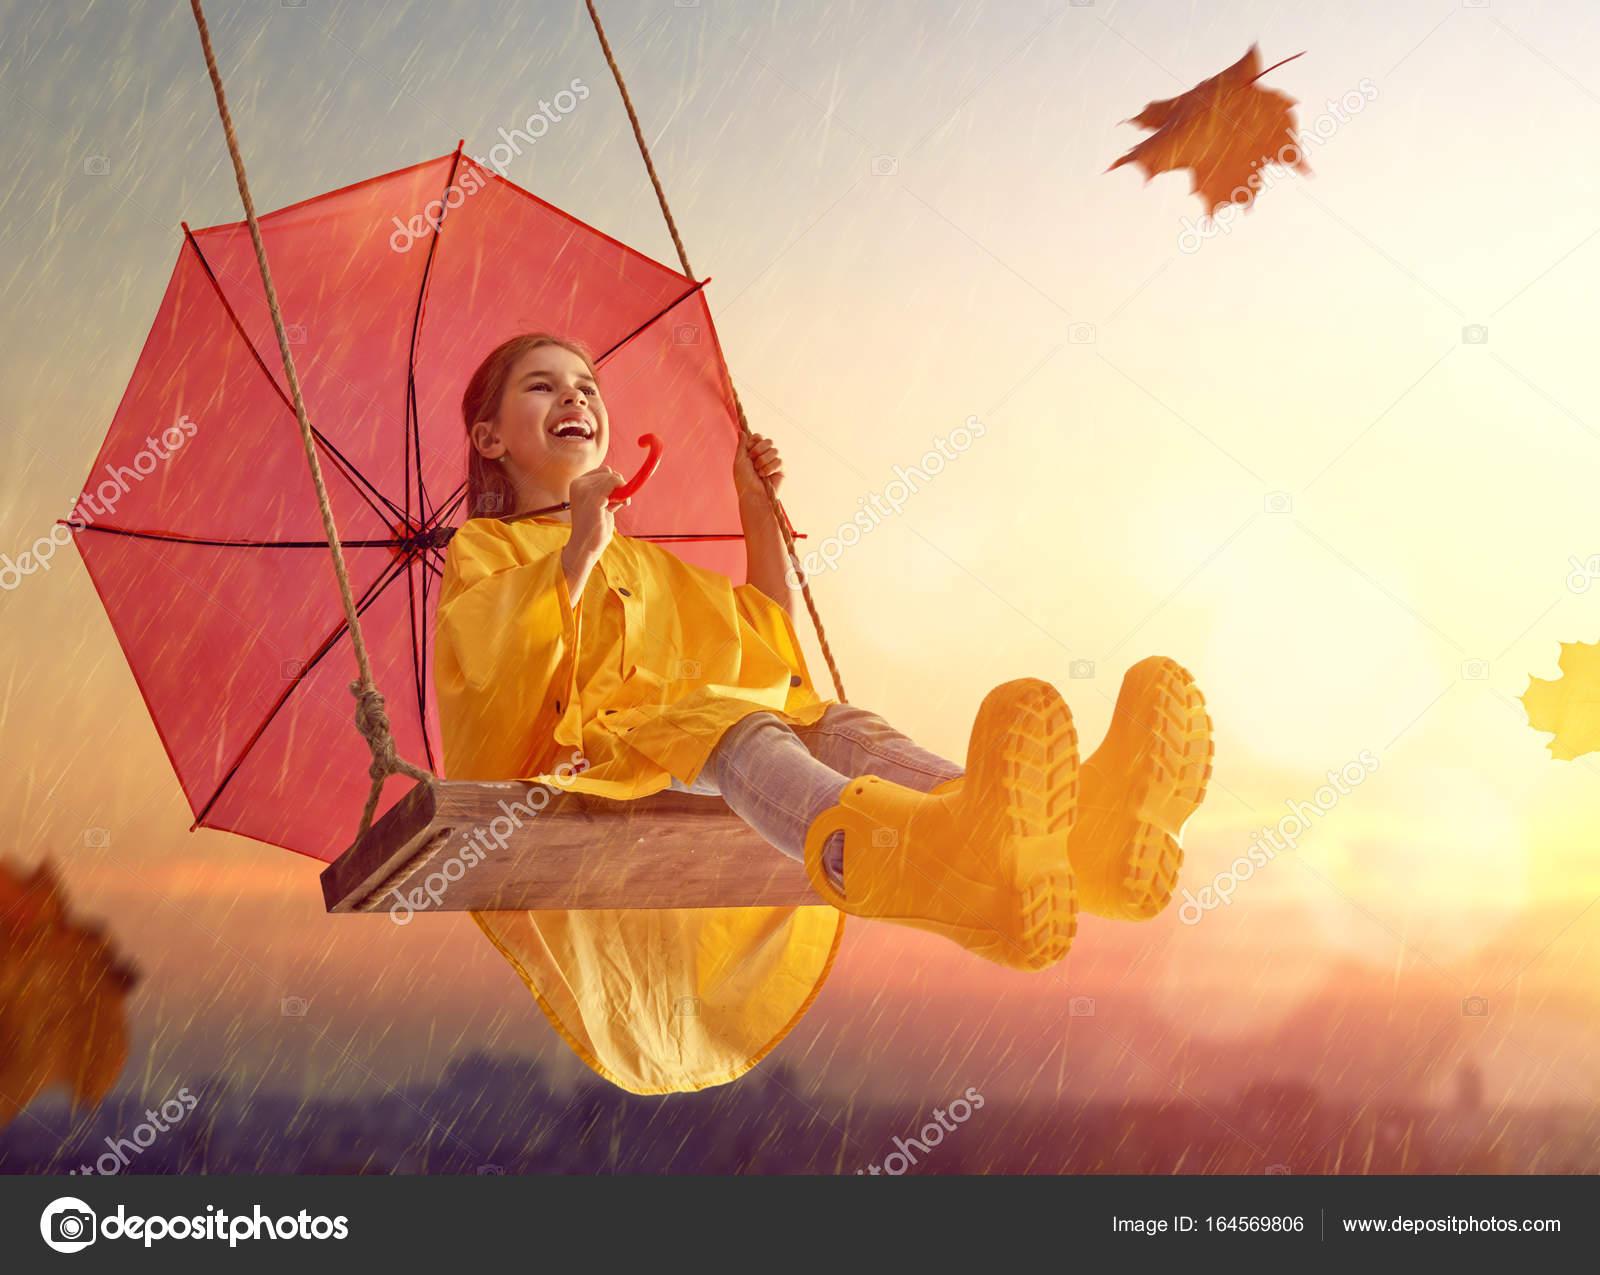 Bambino con l 39 ombrello rosso foto stock choreograph for Piani di fattoria sotto 2000 piedi quadrati